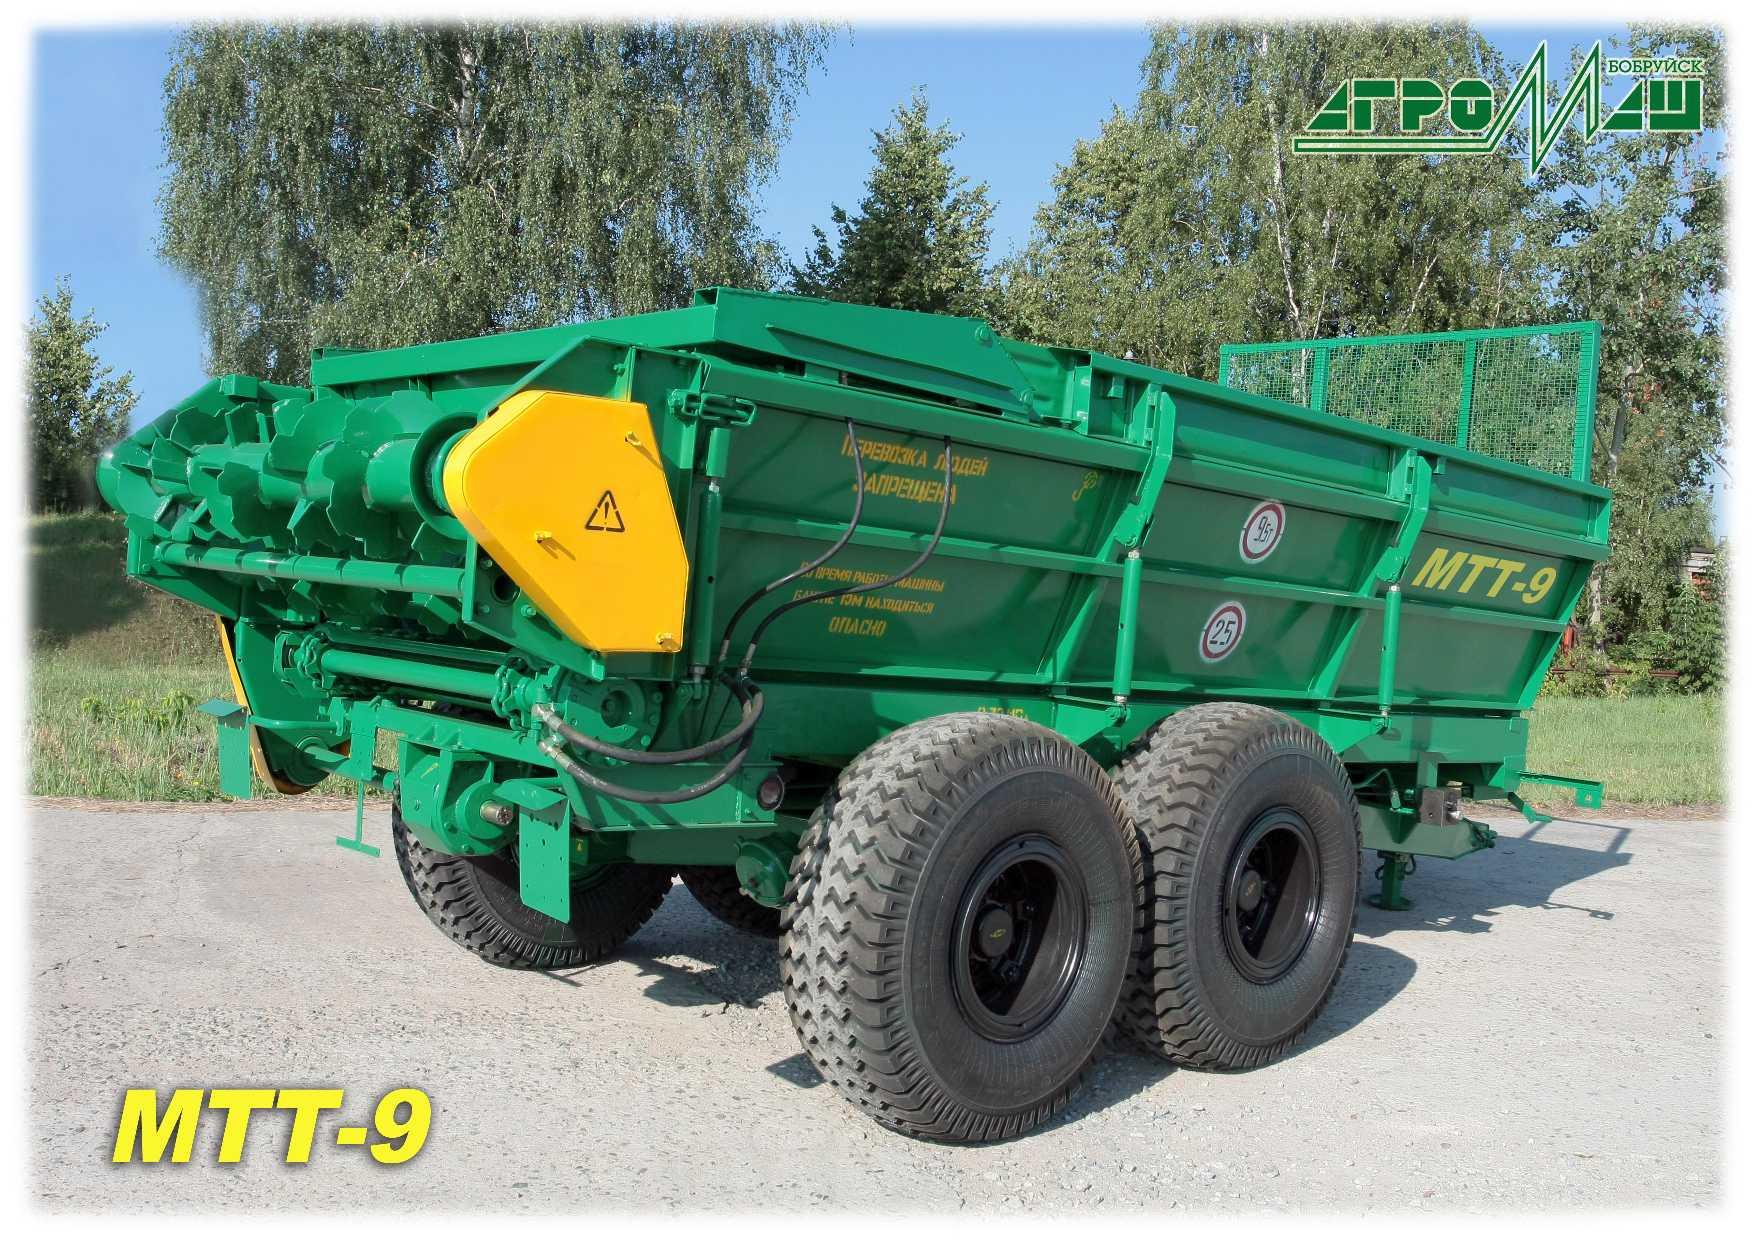 mtt-9